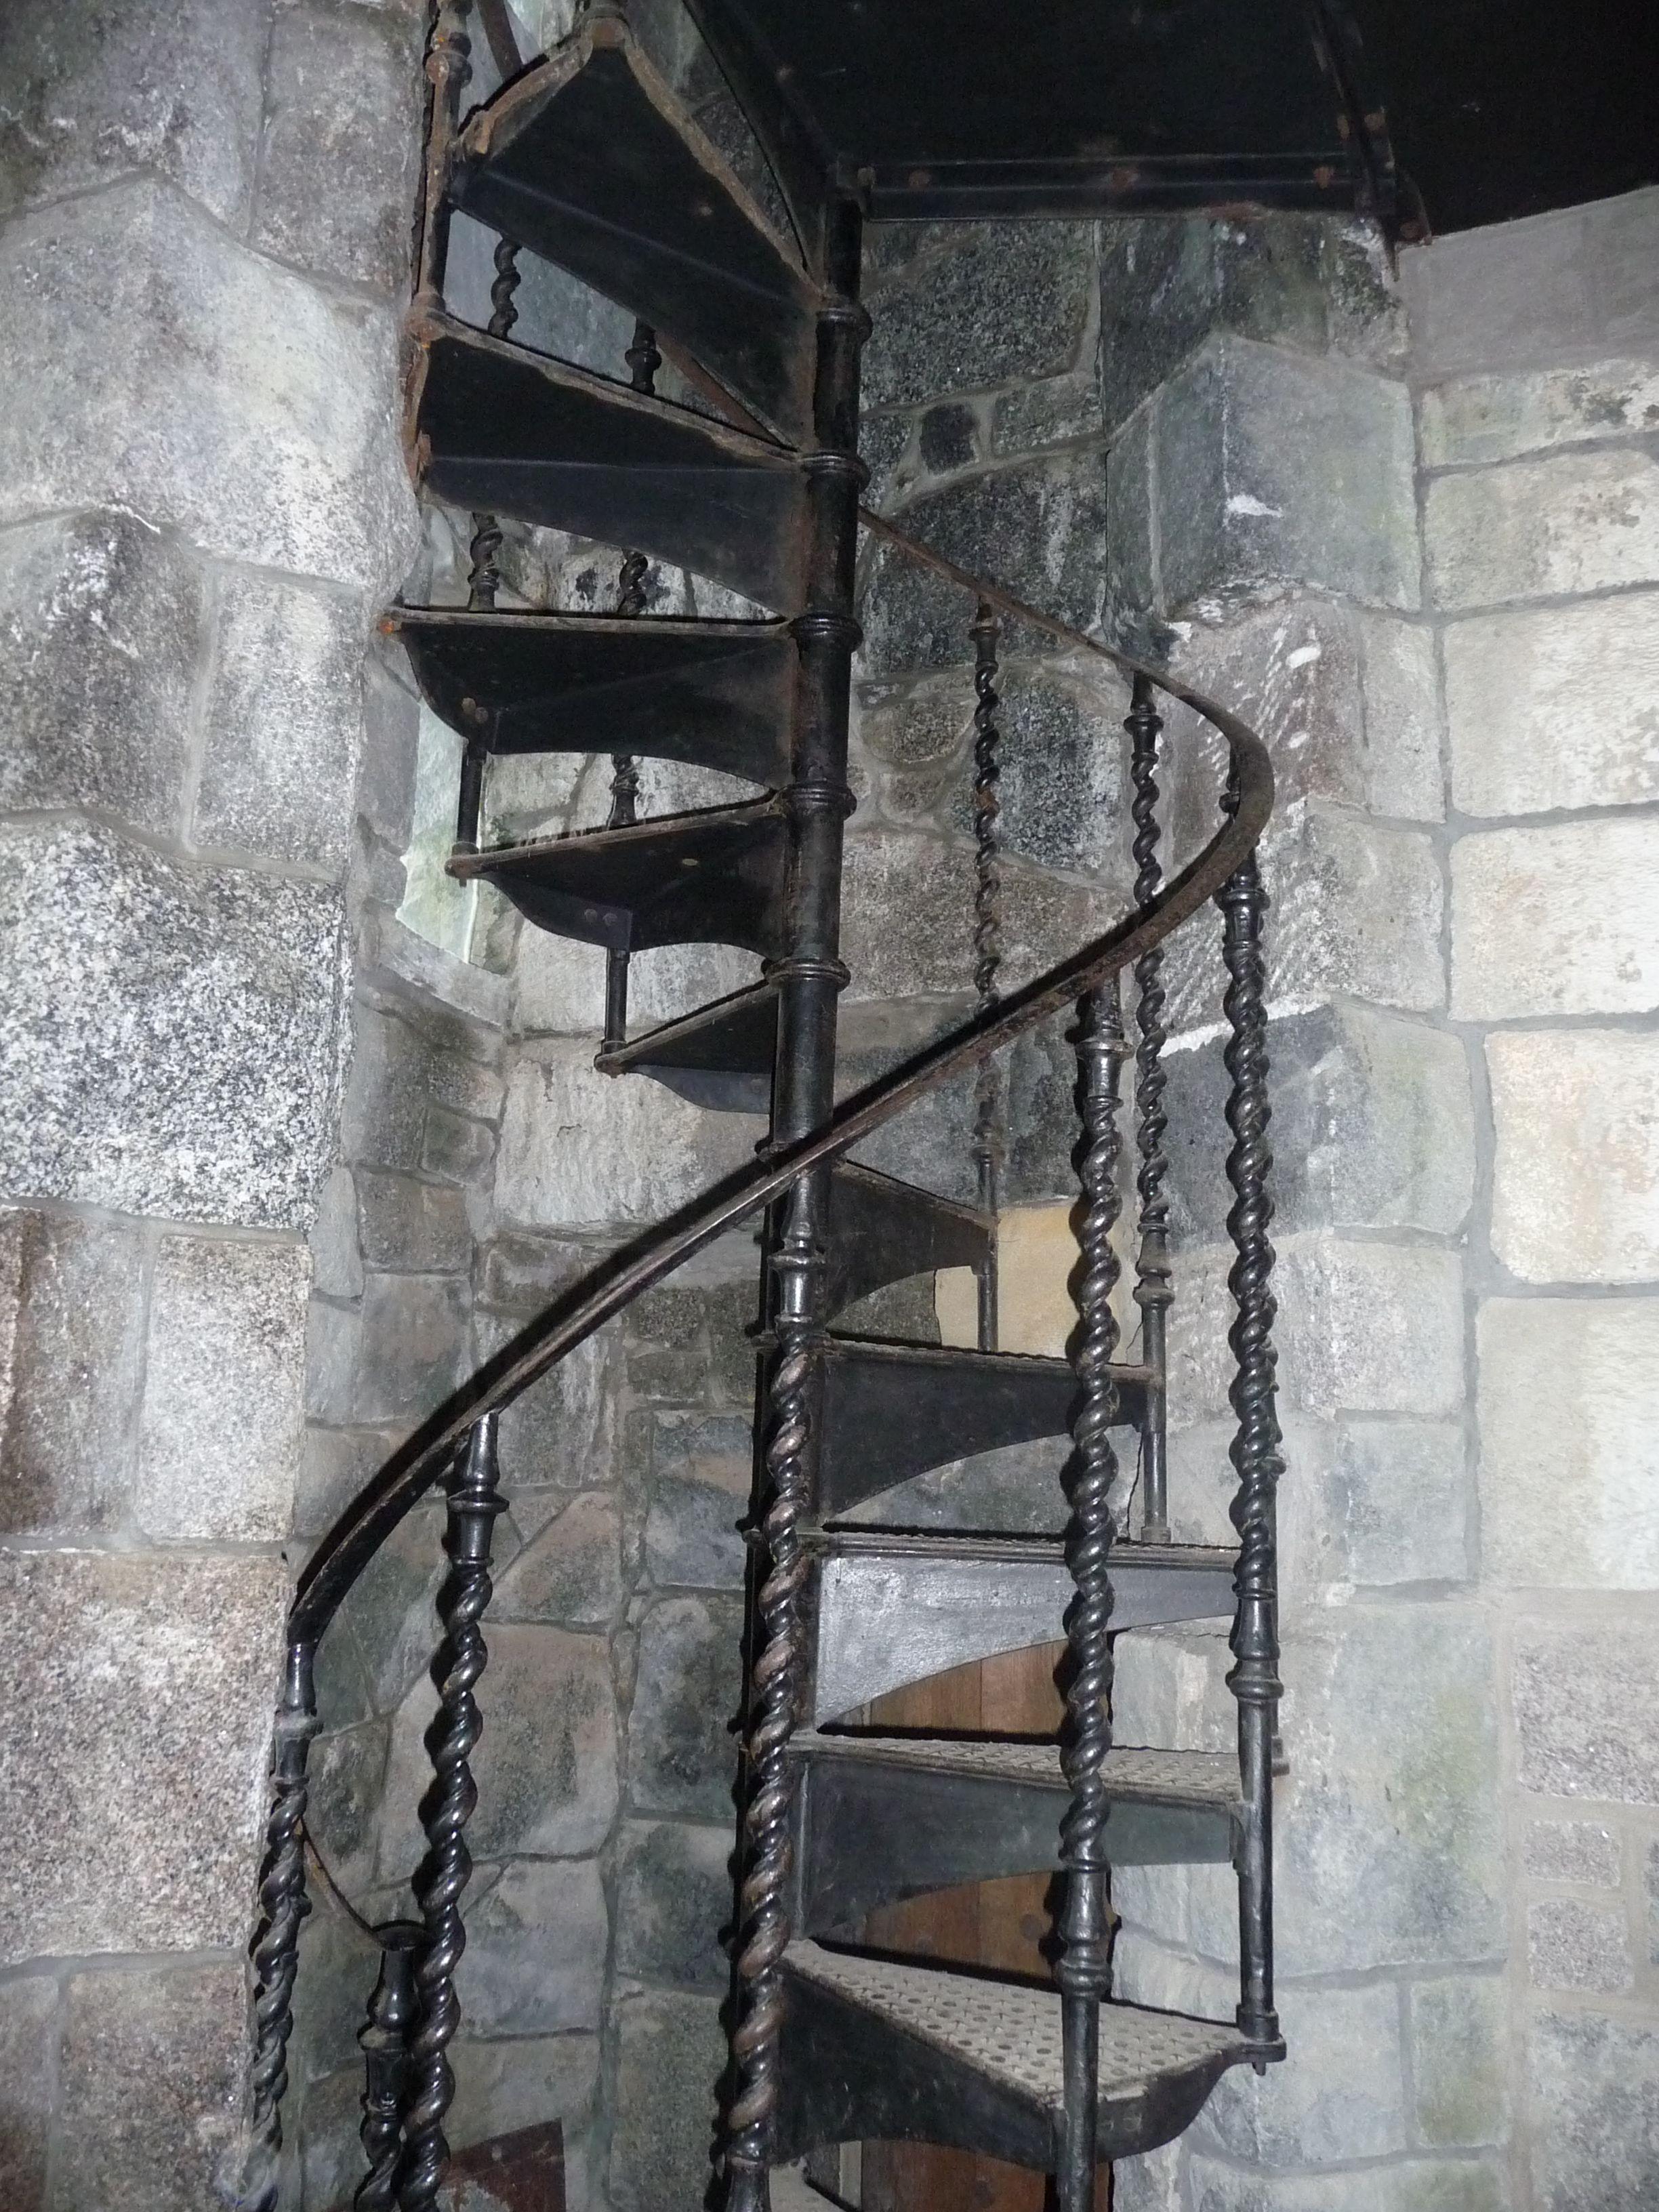 Iron stairway to nowhere